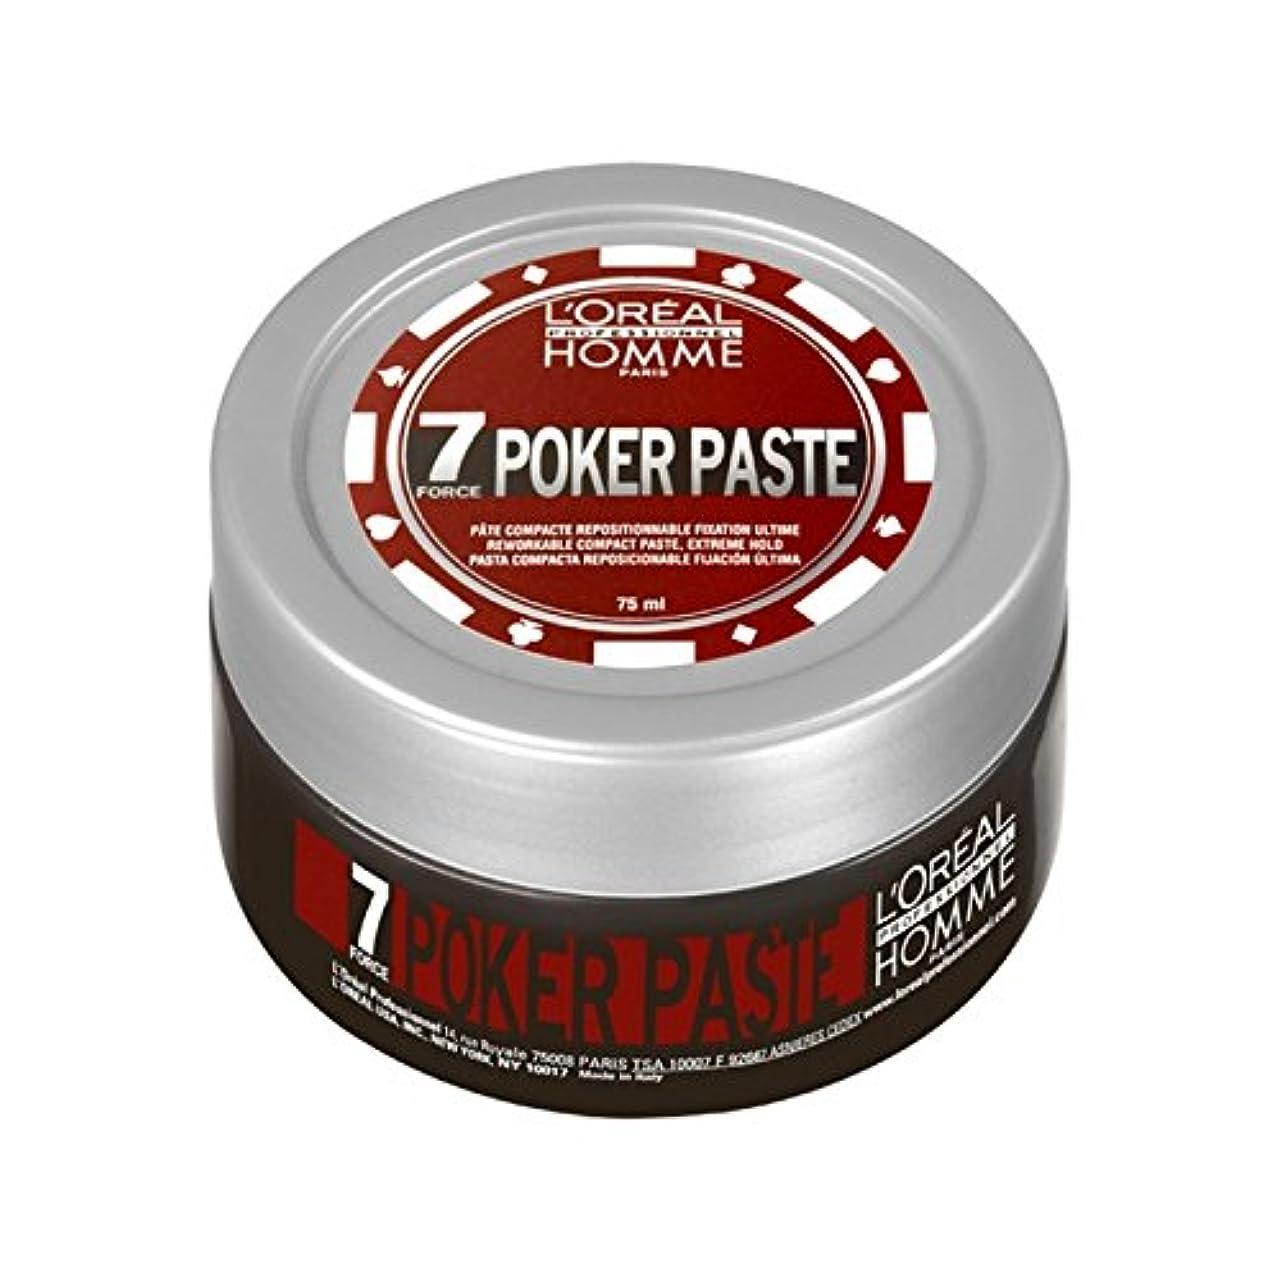 または他の場所ディーラーロレアルプロオムポーカーペースト(75ミリリットル) x2 - L'Oreal Professional Homme Poker Paste (75ml) (Pack of 2) [並行輸入品]